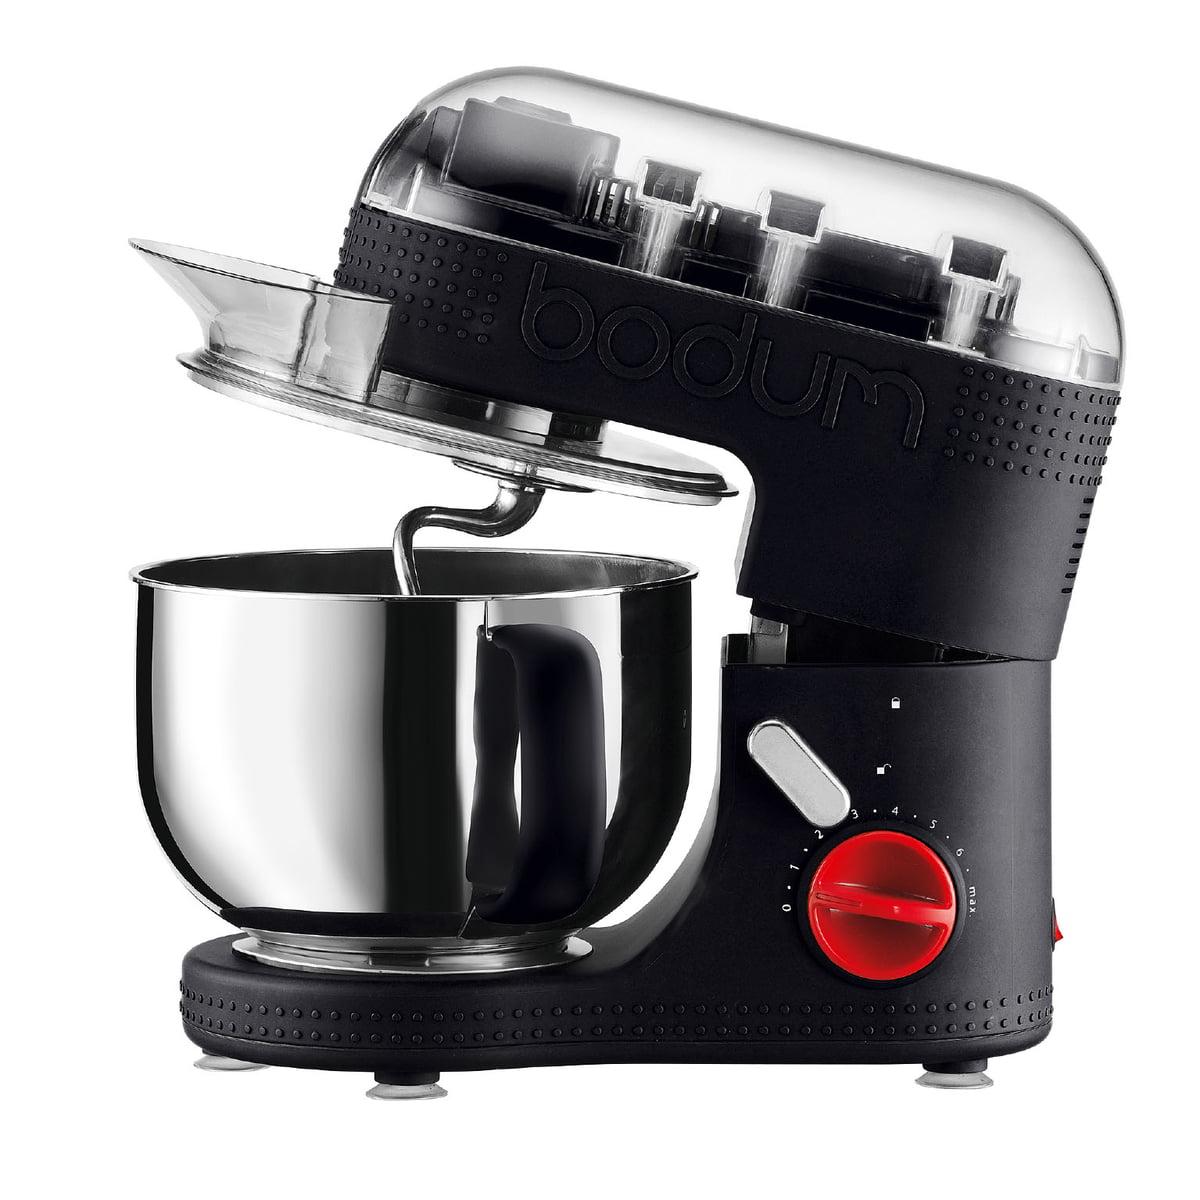 Bodum Bistro Elektrische keukenmachine